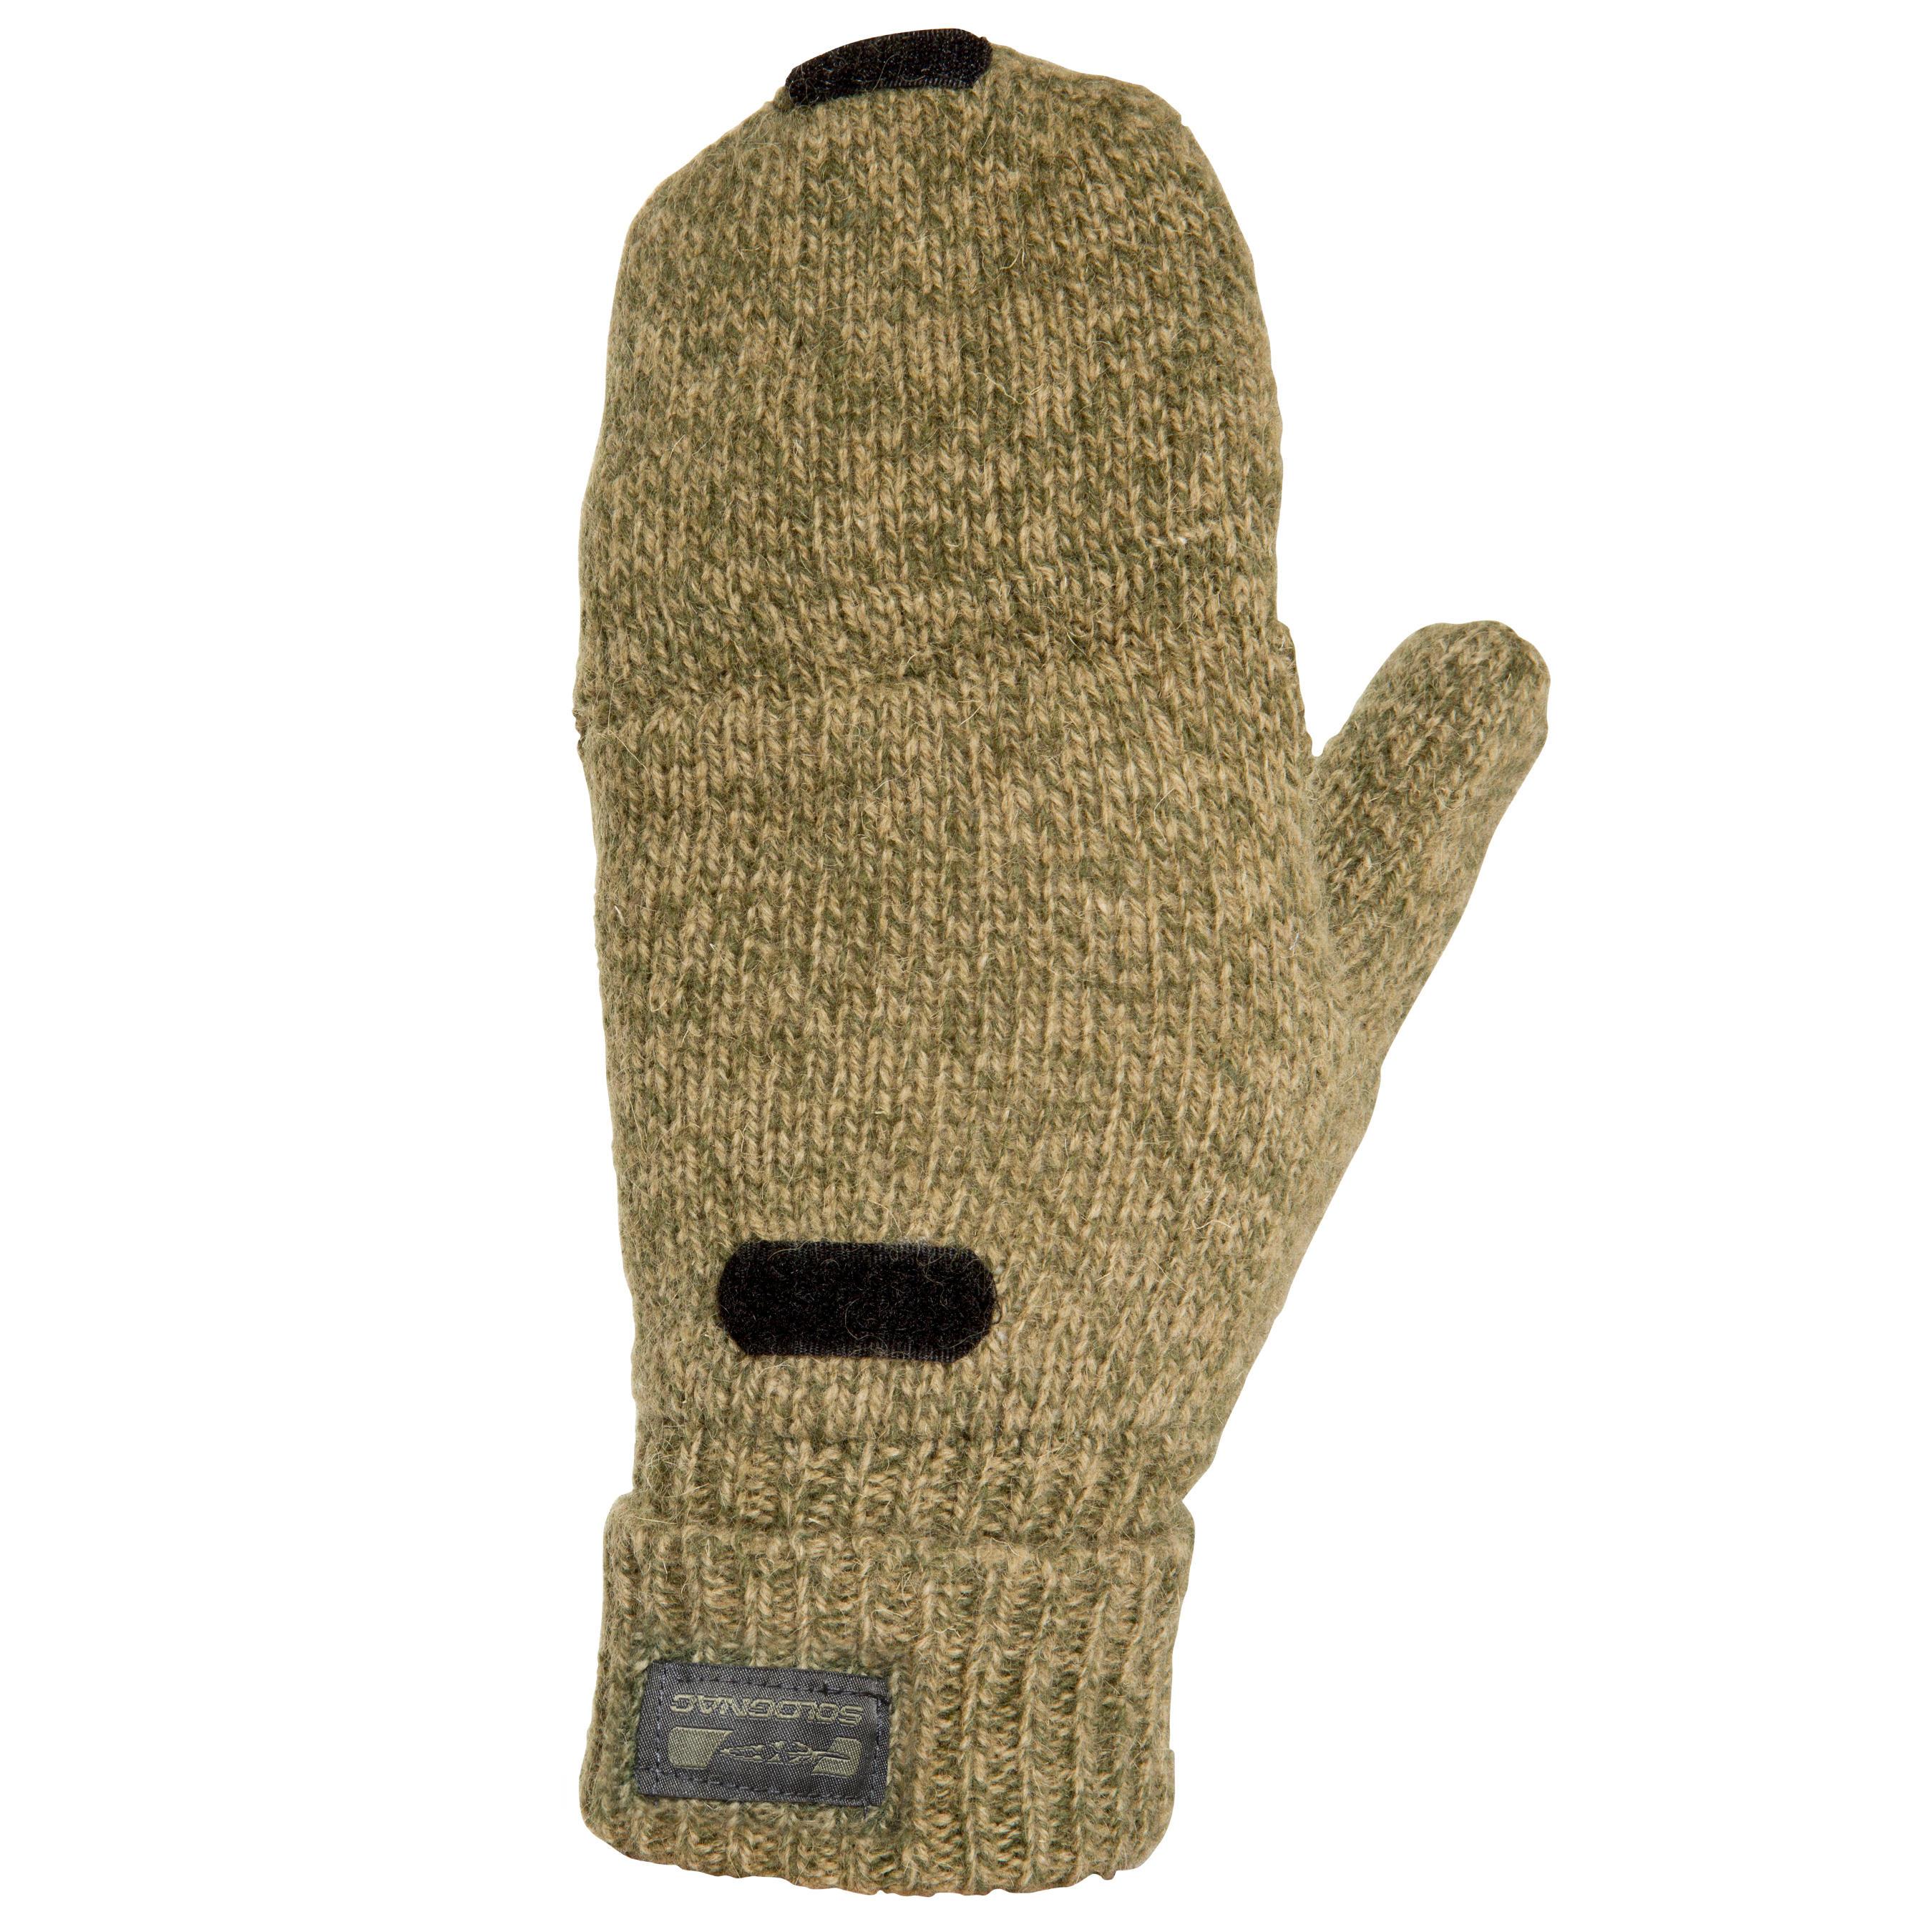 Solognac Wollen handschoenen zonder vingers 100 voor de jacht bruin